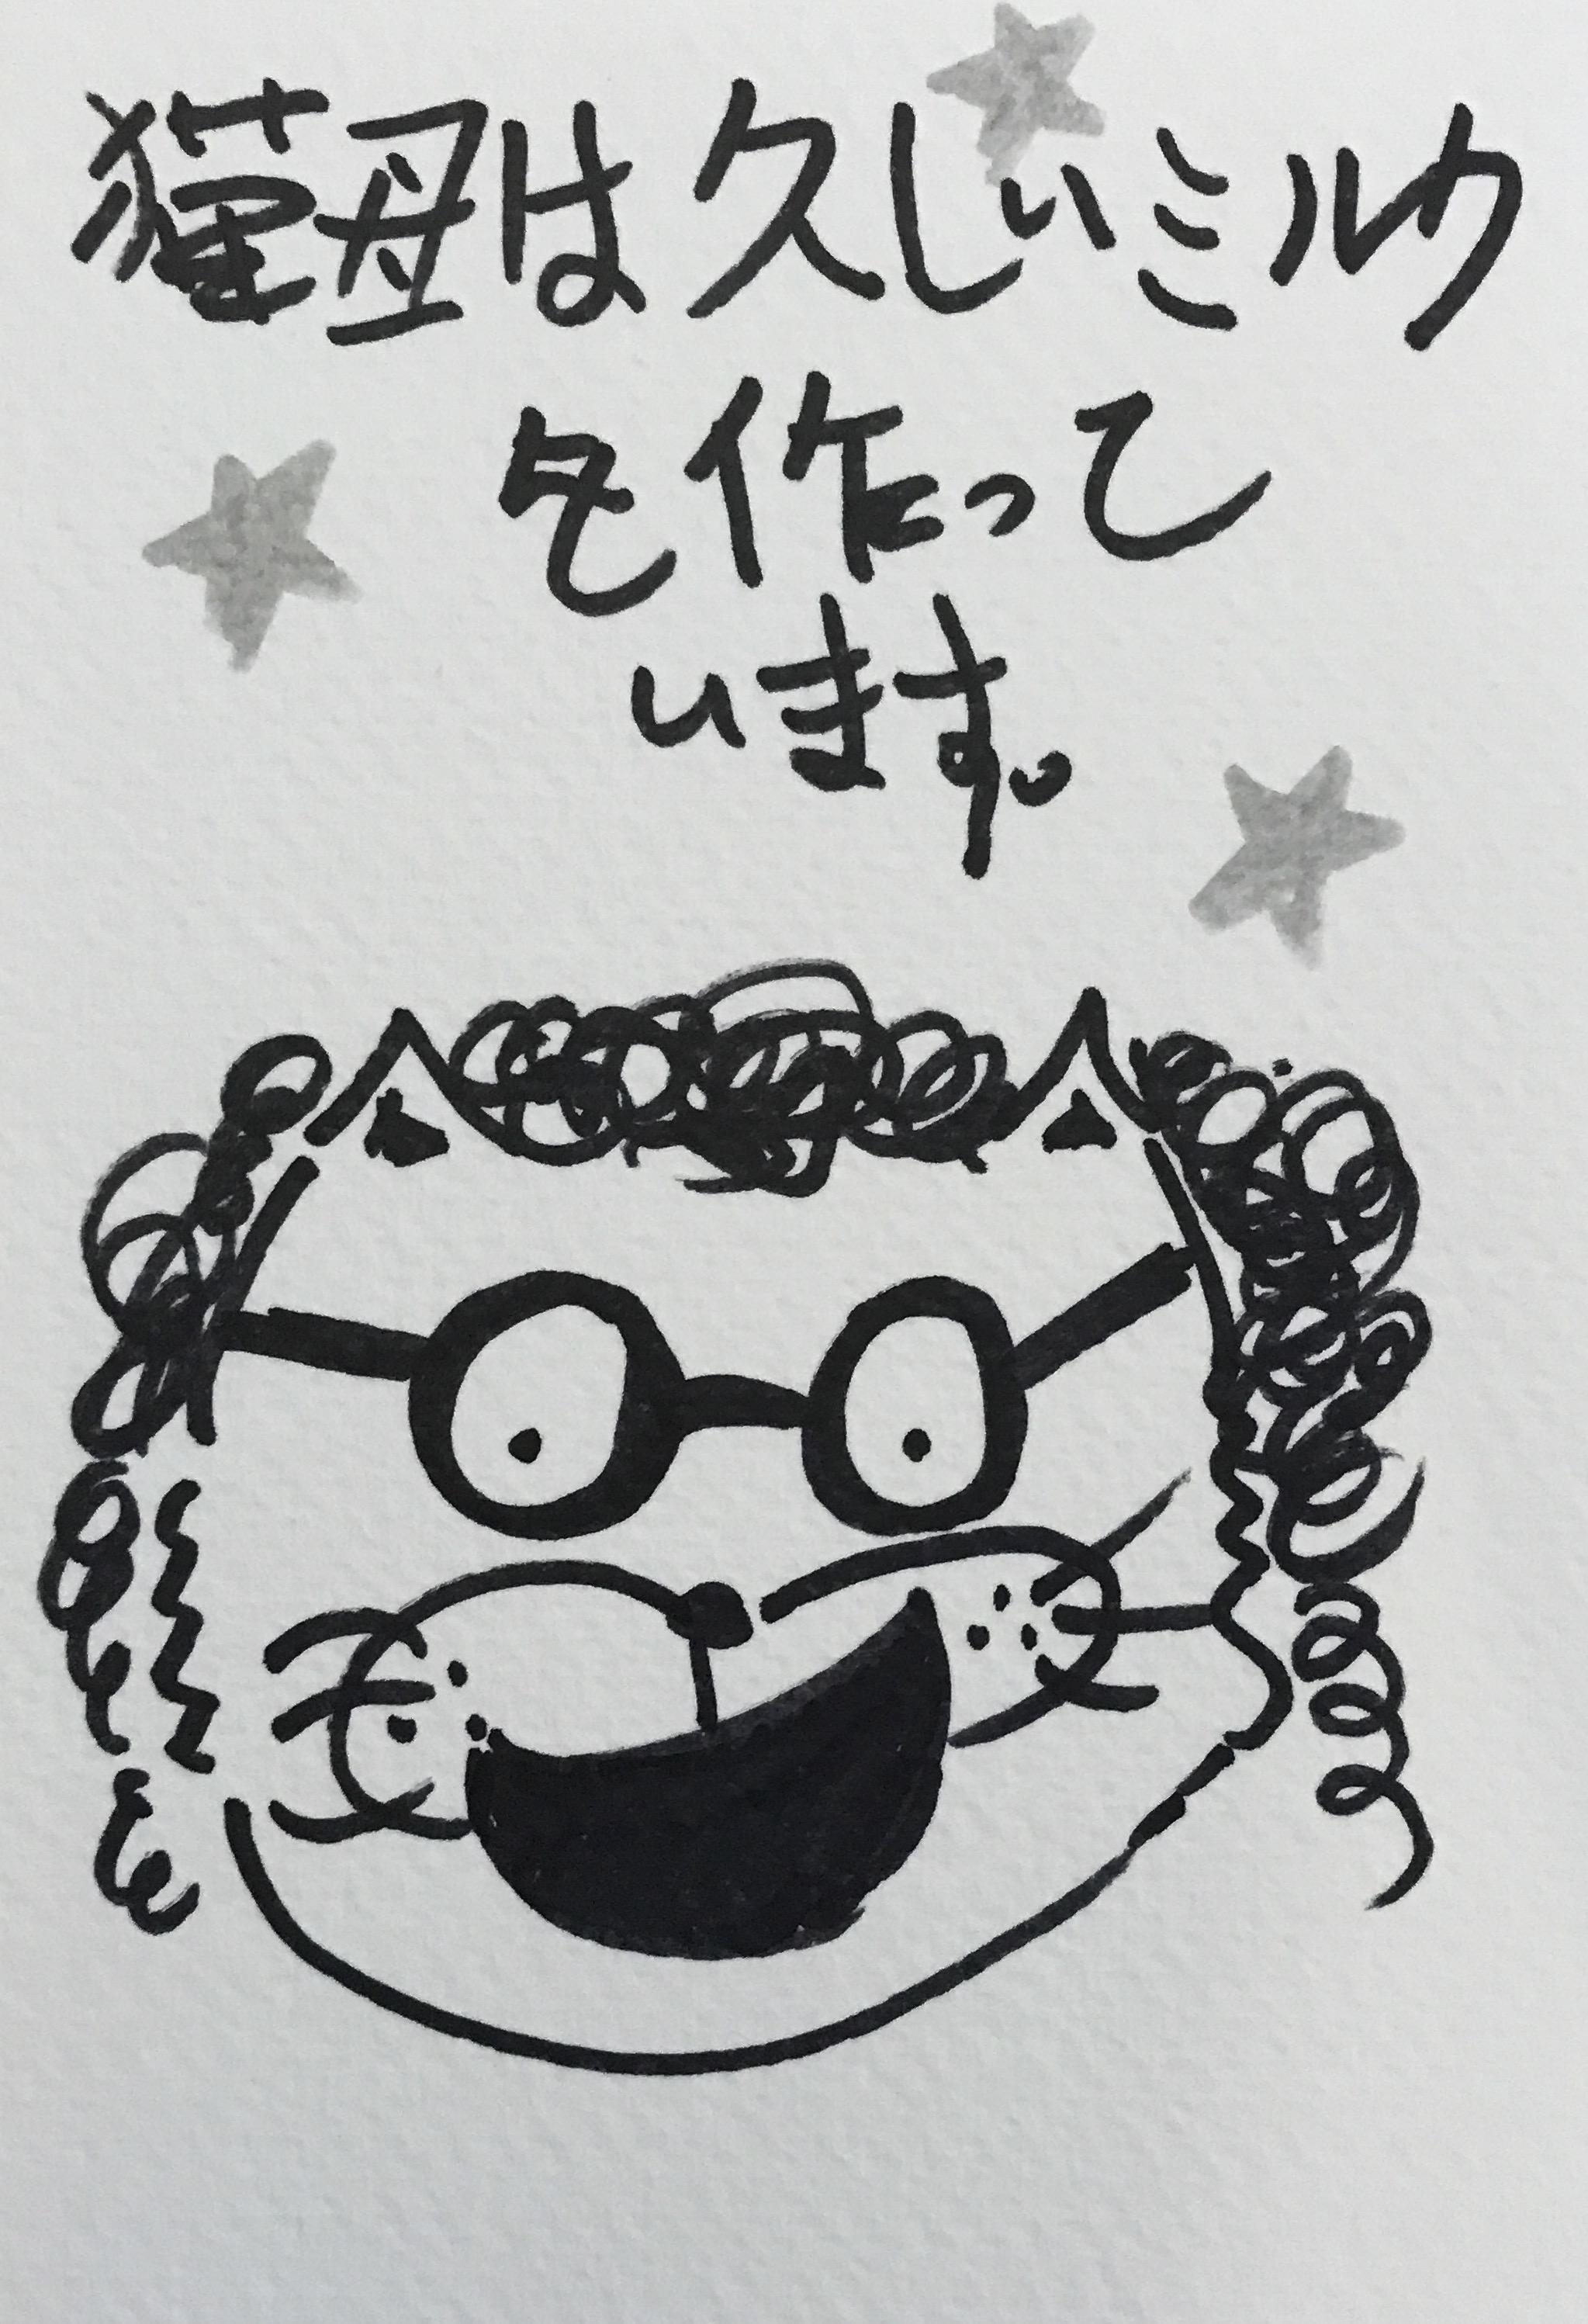 猫おばあさんは久しいミルクを作っていただきますよ Mother Cat is making us old style miylk 日本語 日本 描く ペン 葉書 artwork postcard dr